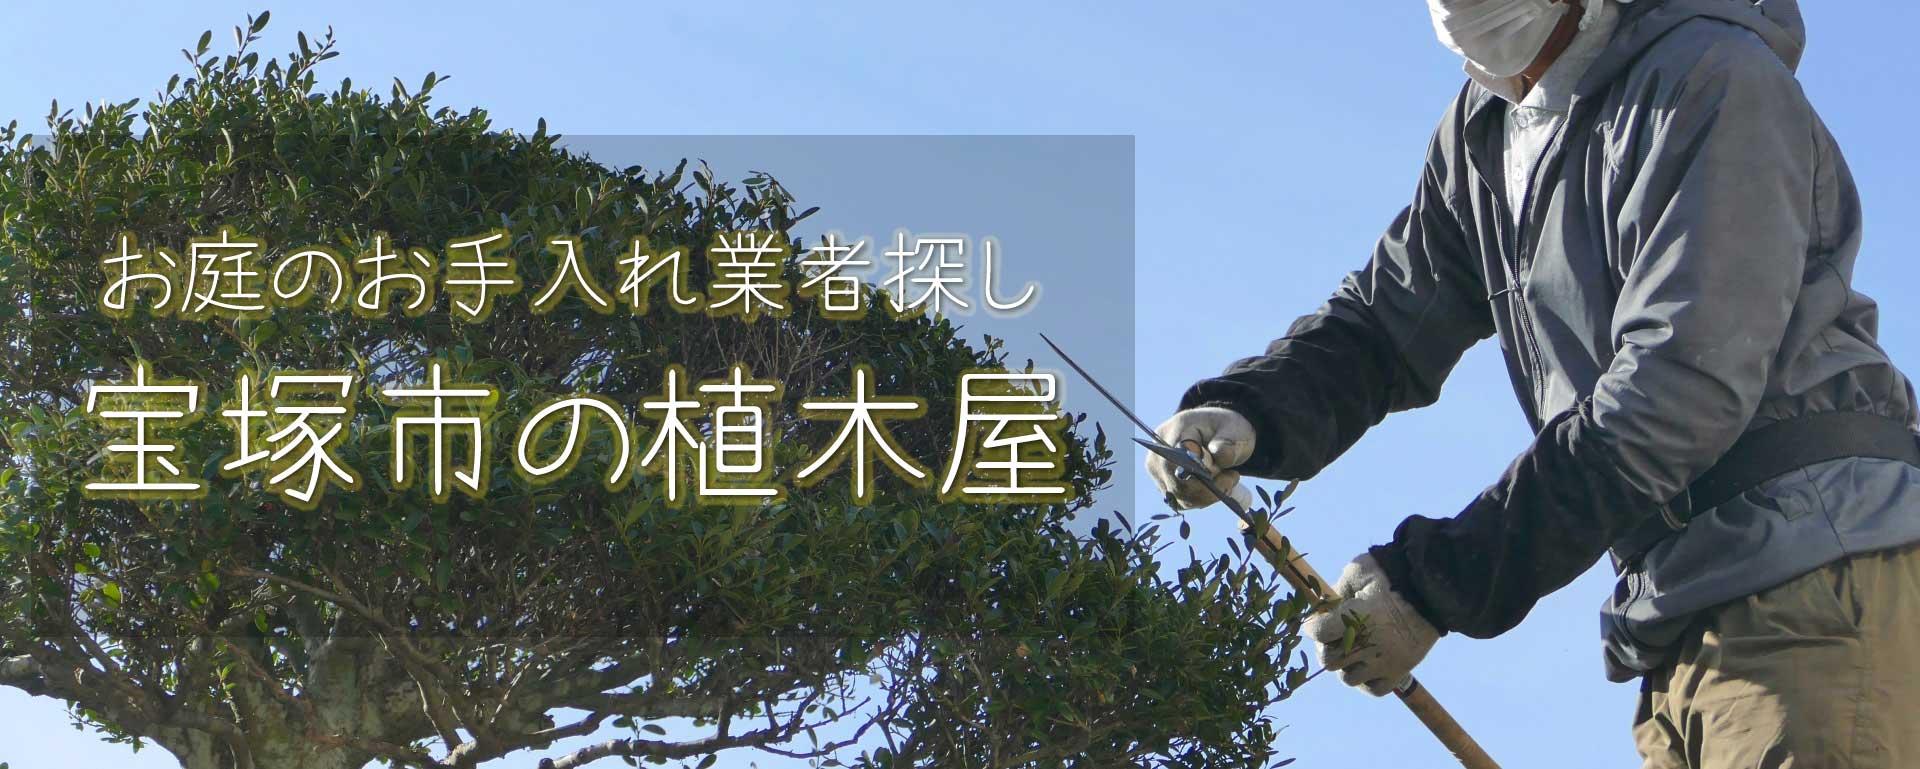 見積り無料の神戸市の植木屋・業者によって料金は全然違う